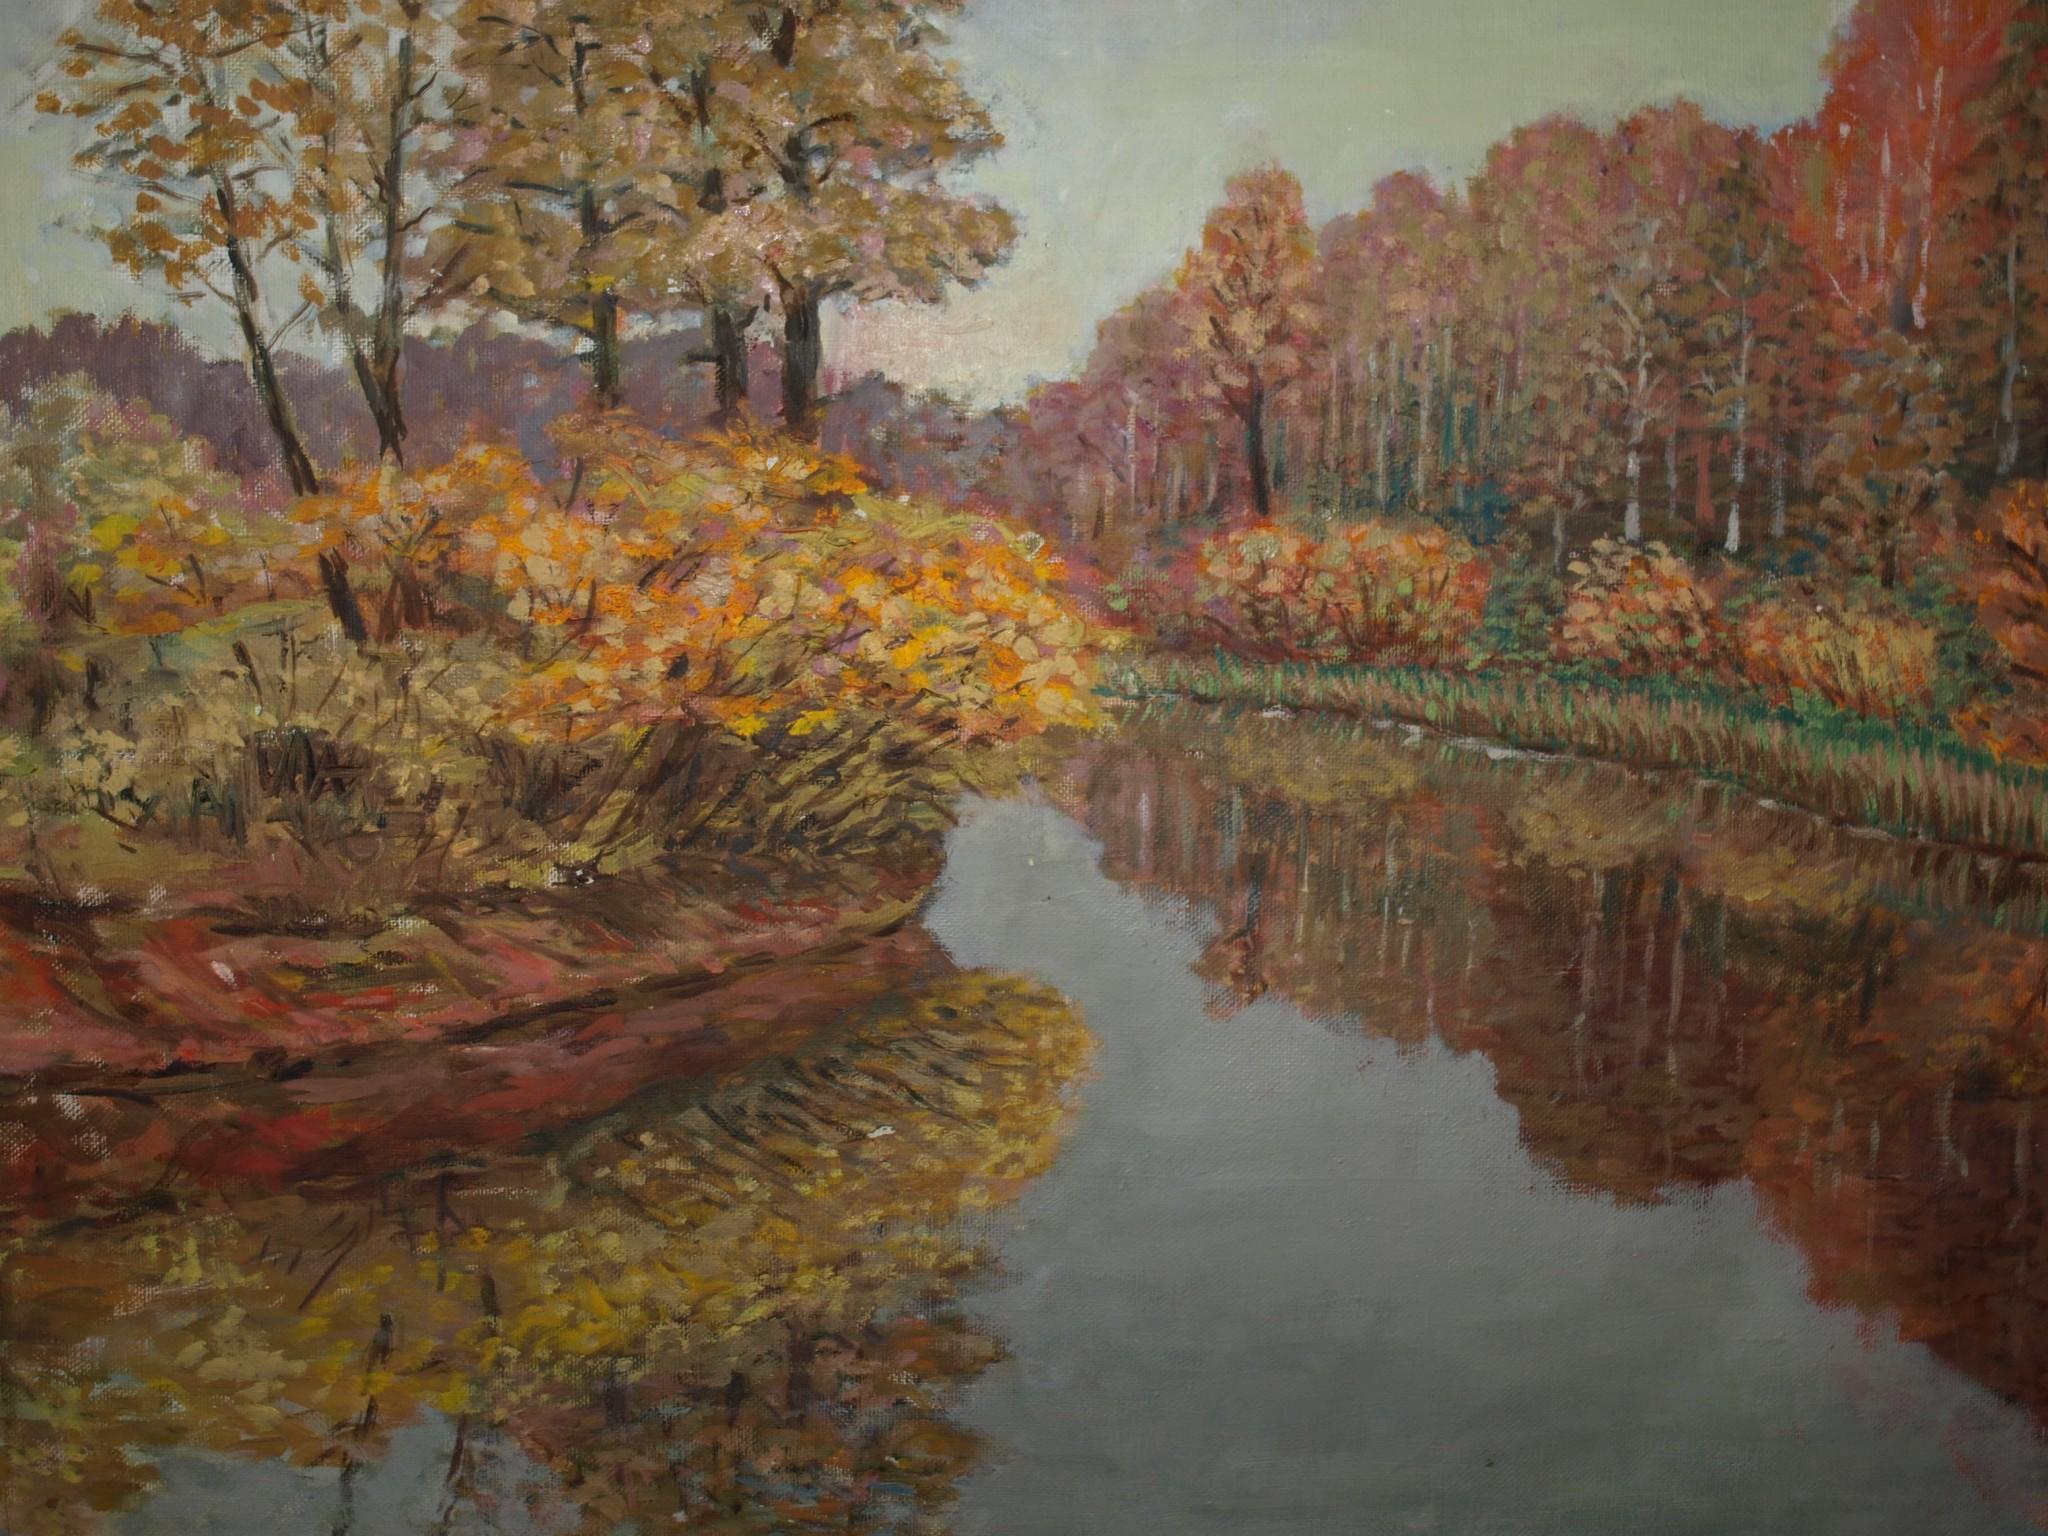 Vienas no E. Mangaļa gleznas reprodukcija